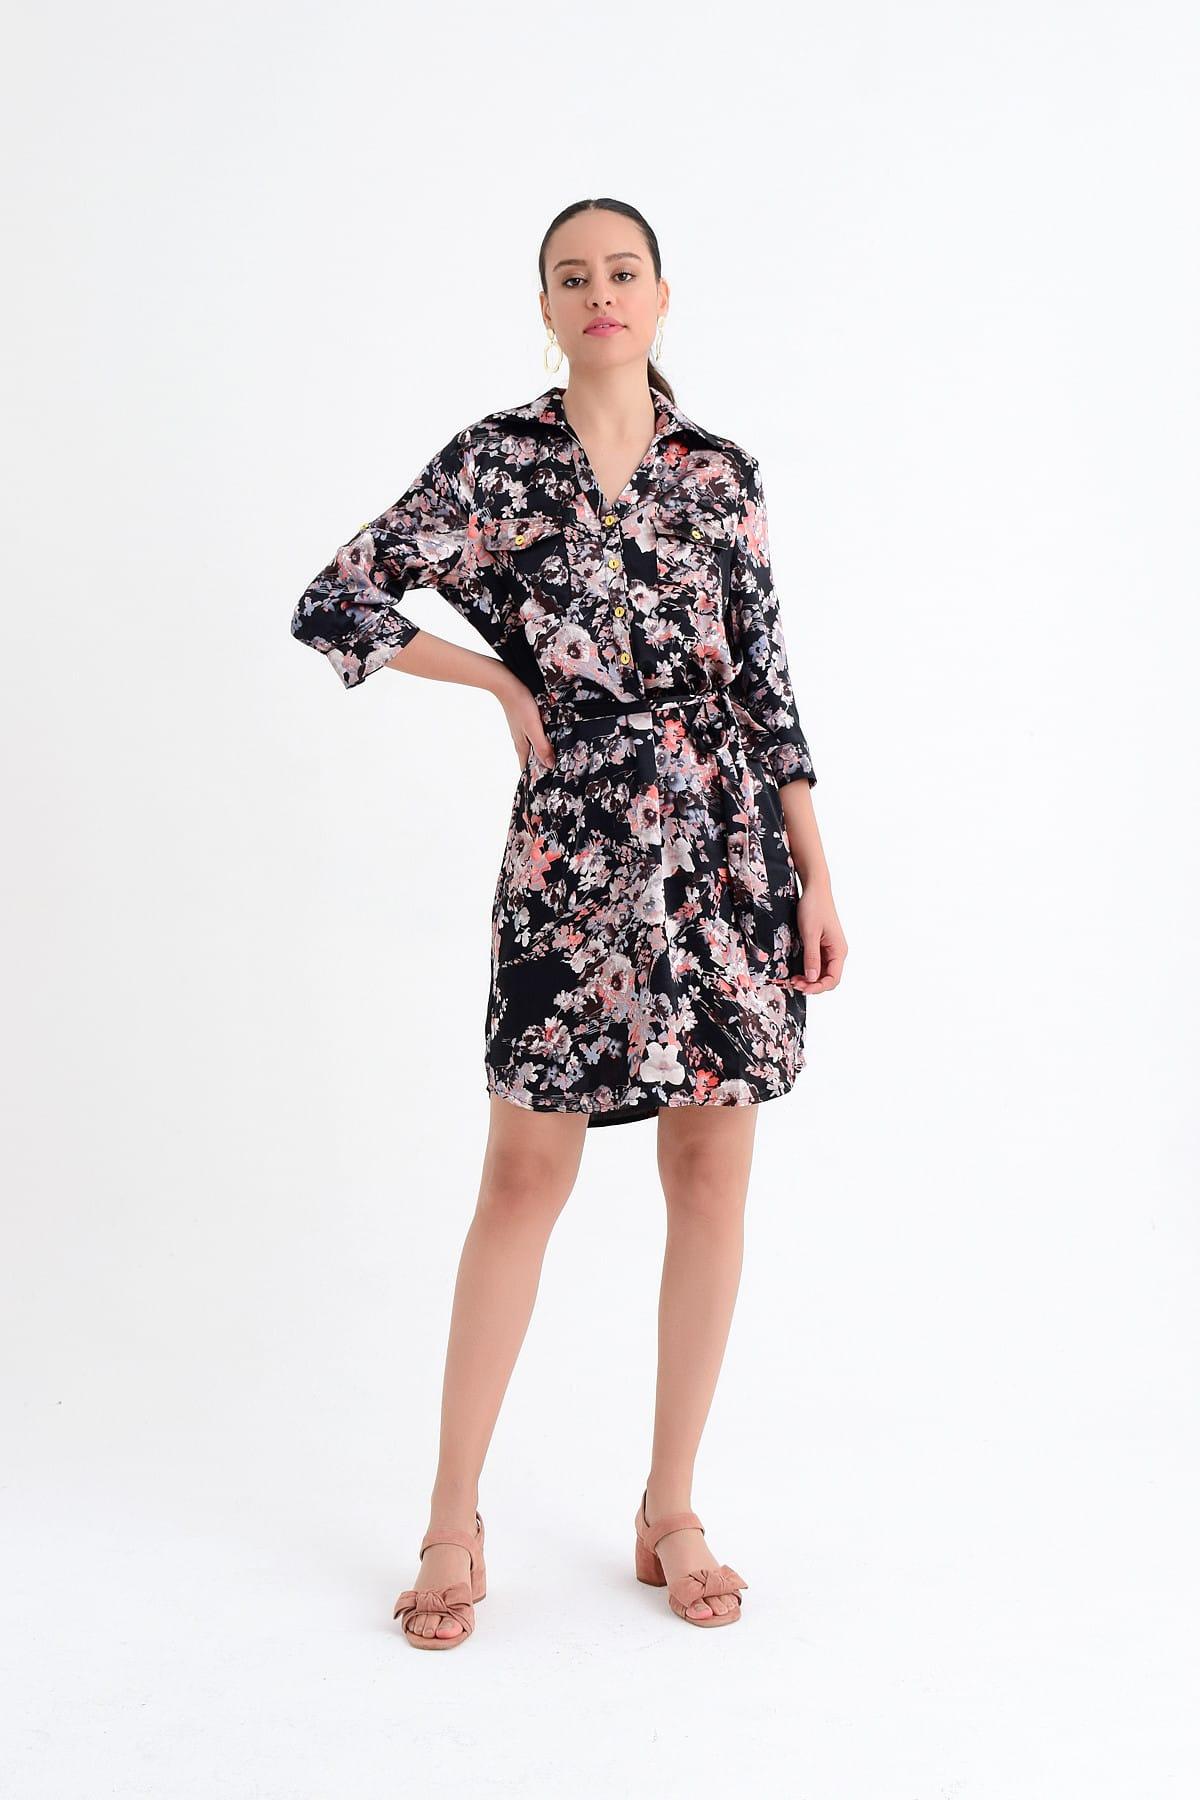 Hanna's by Hanna Darsa Kadın Siyah Çiçek Desenli Diz Üstü Gömlek Elbise HN1832 1